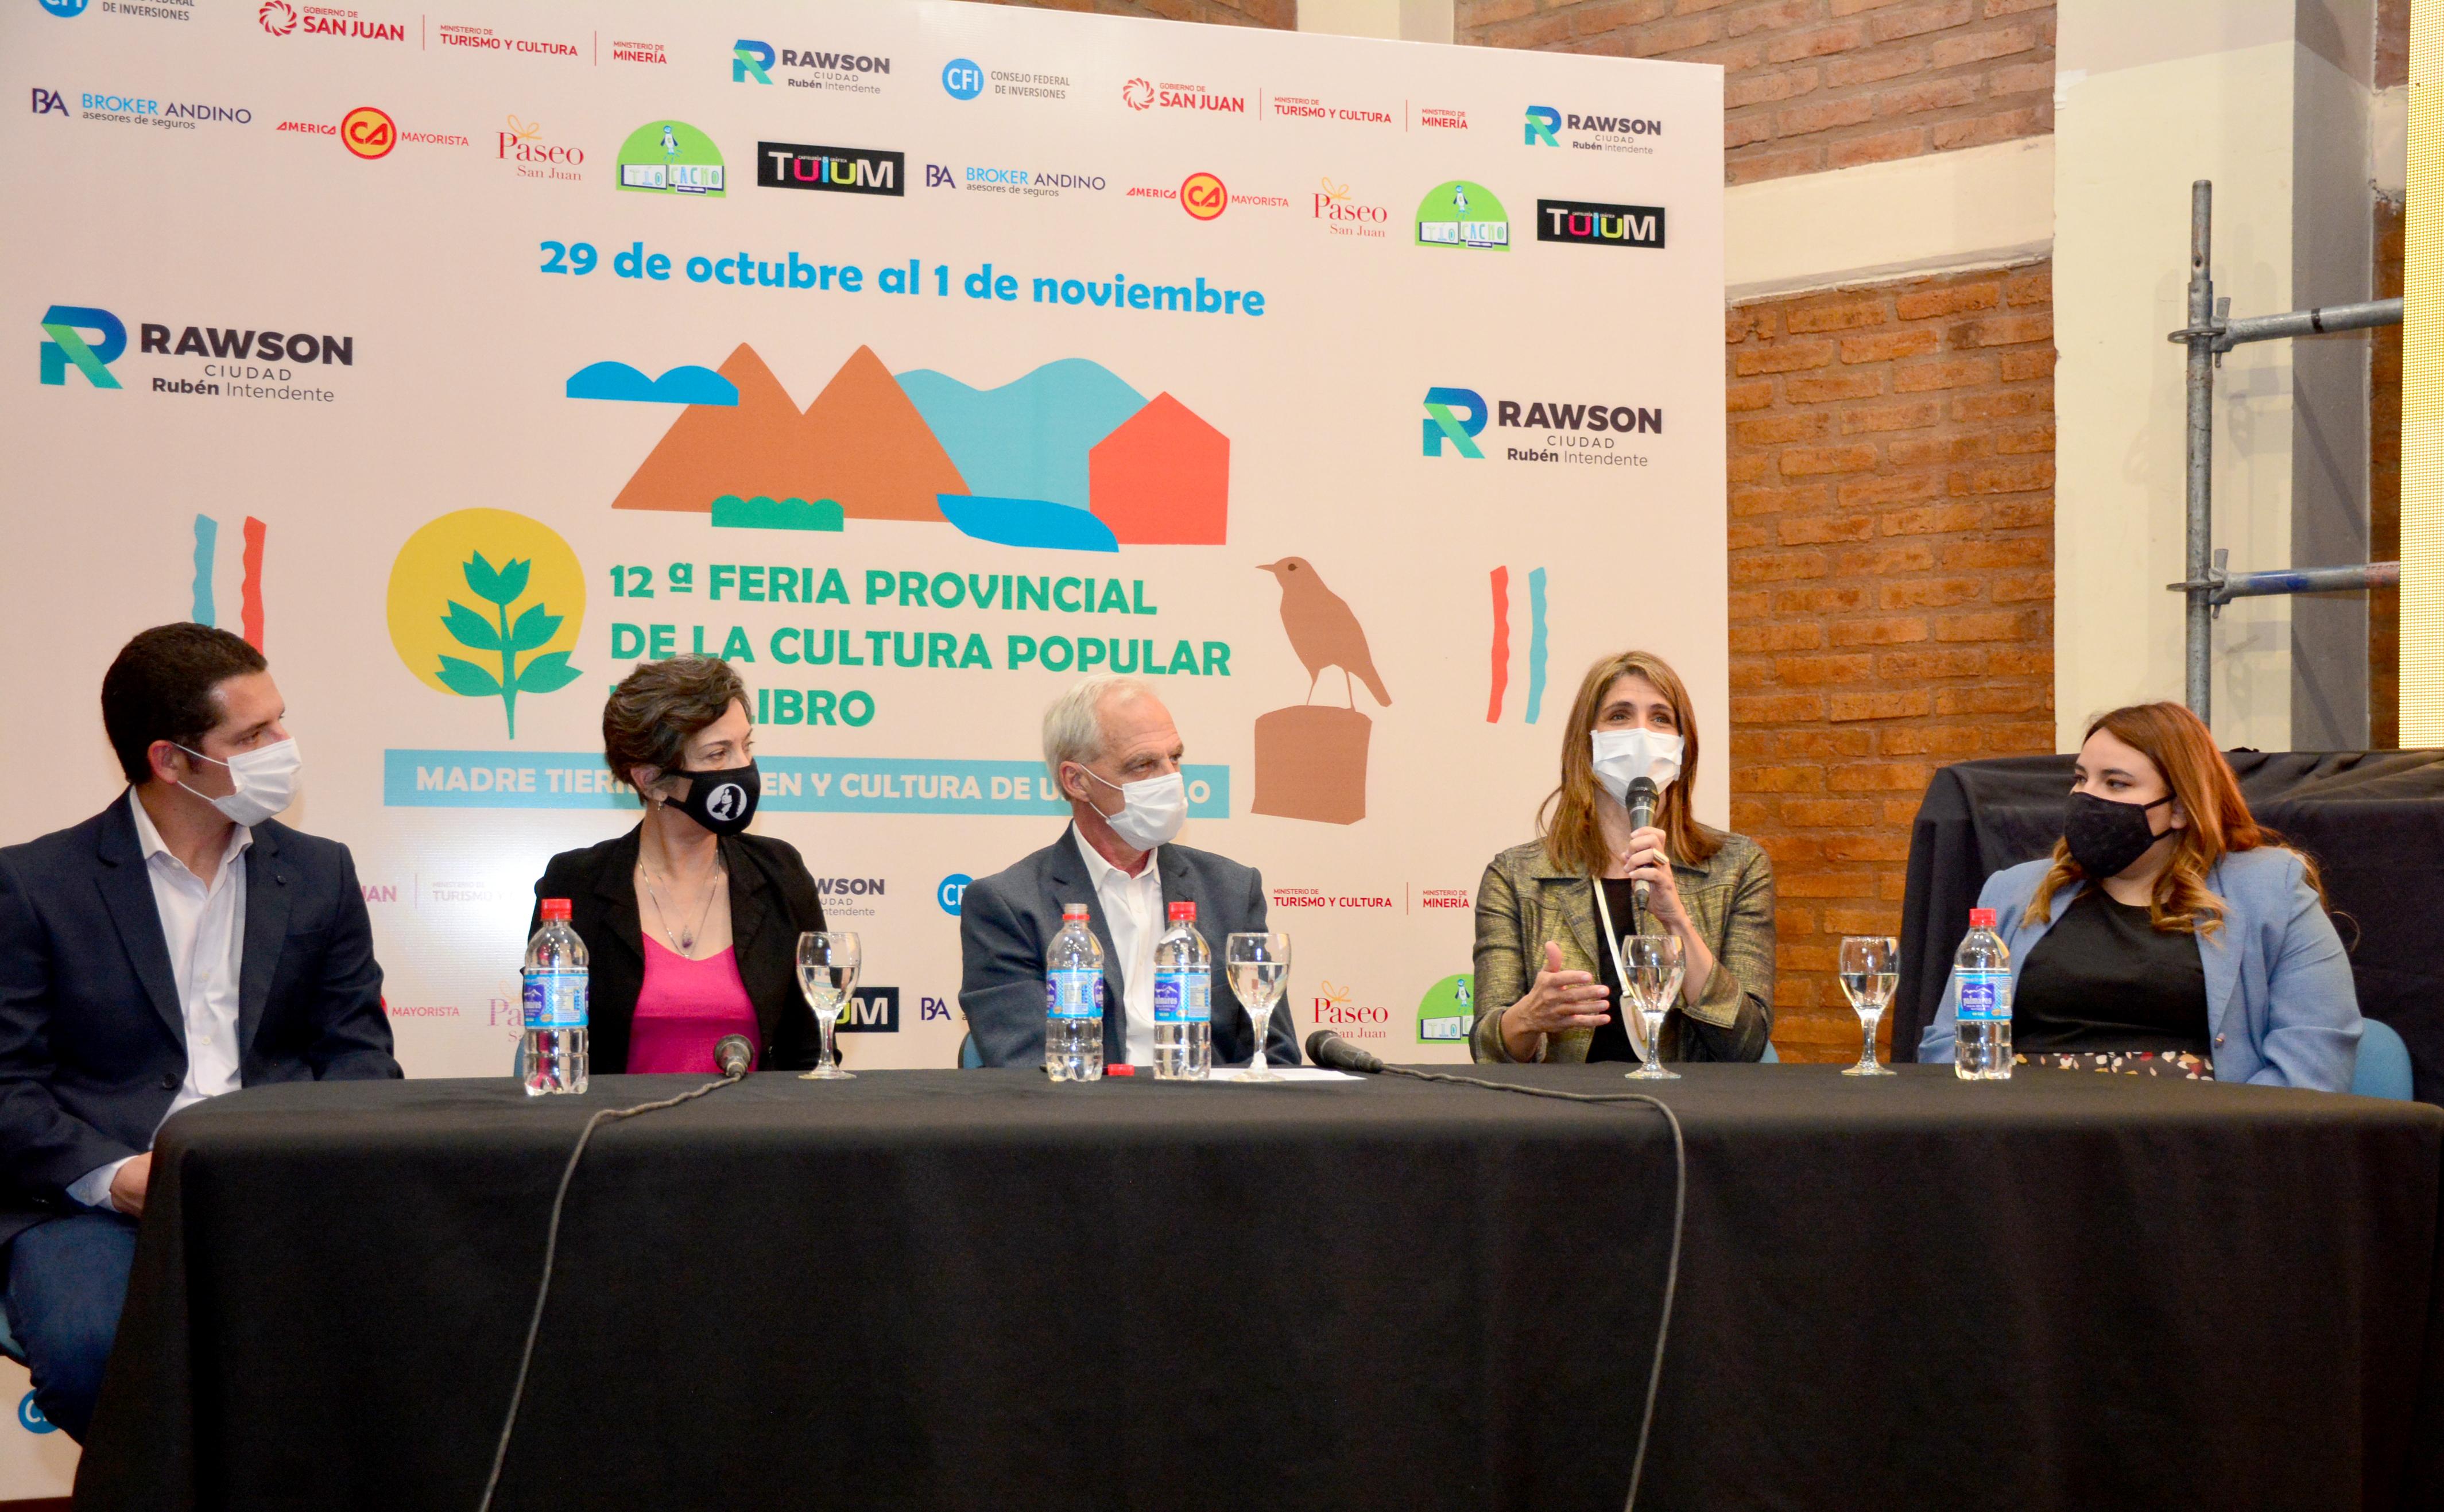 Rawson: La 12º Feria Provincial de la Cultura Popular y el Libro será online